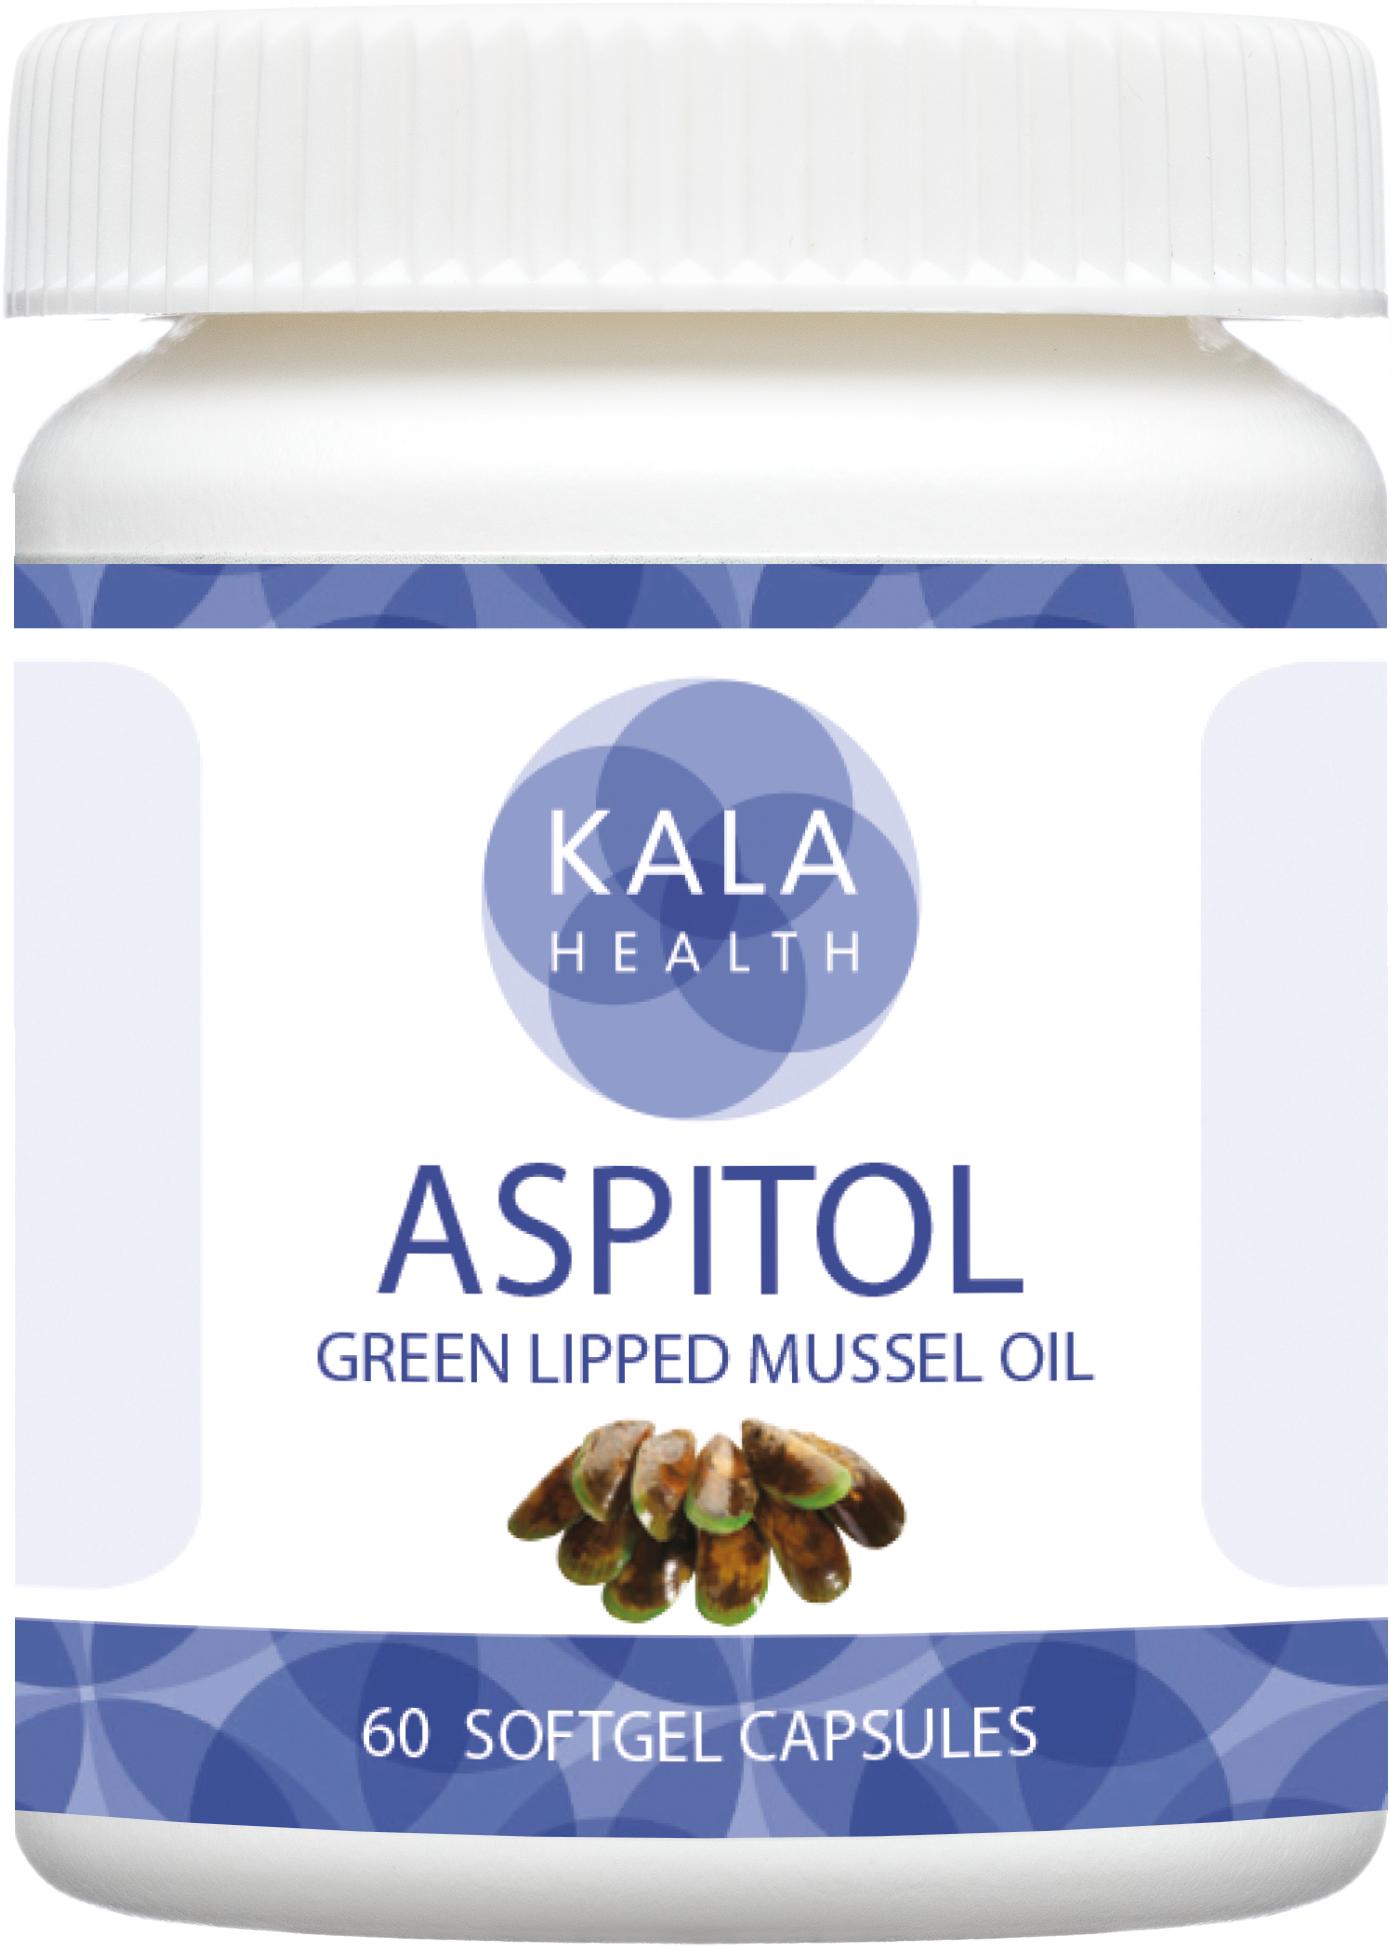 Aspitol 60 capsules